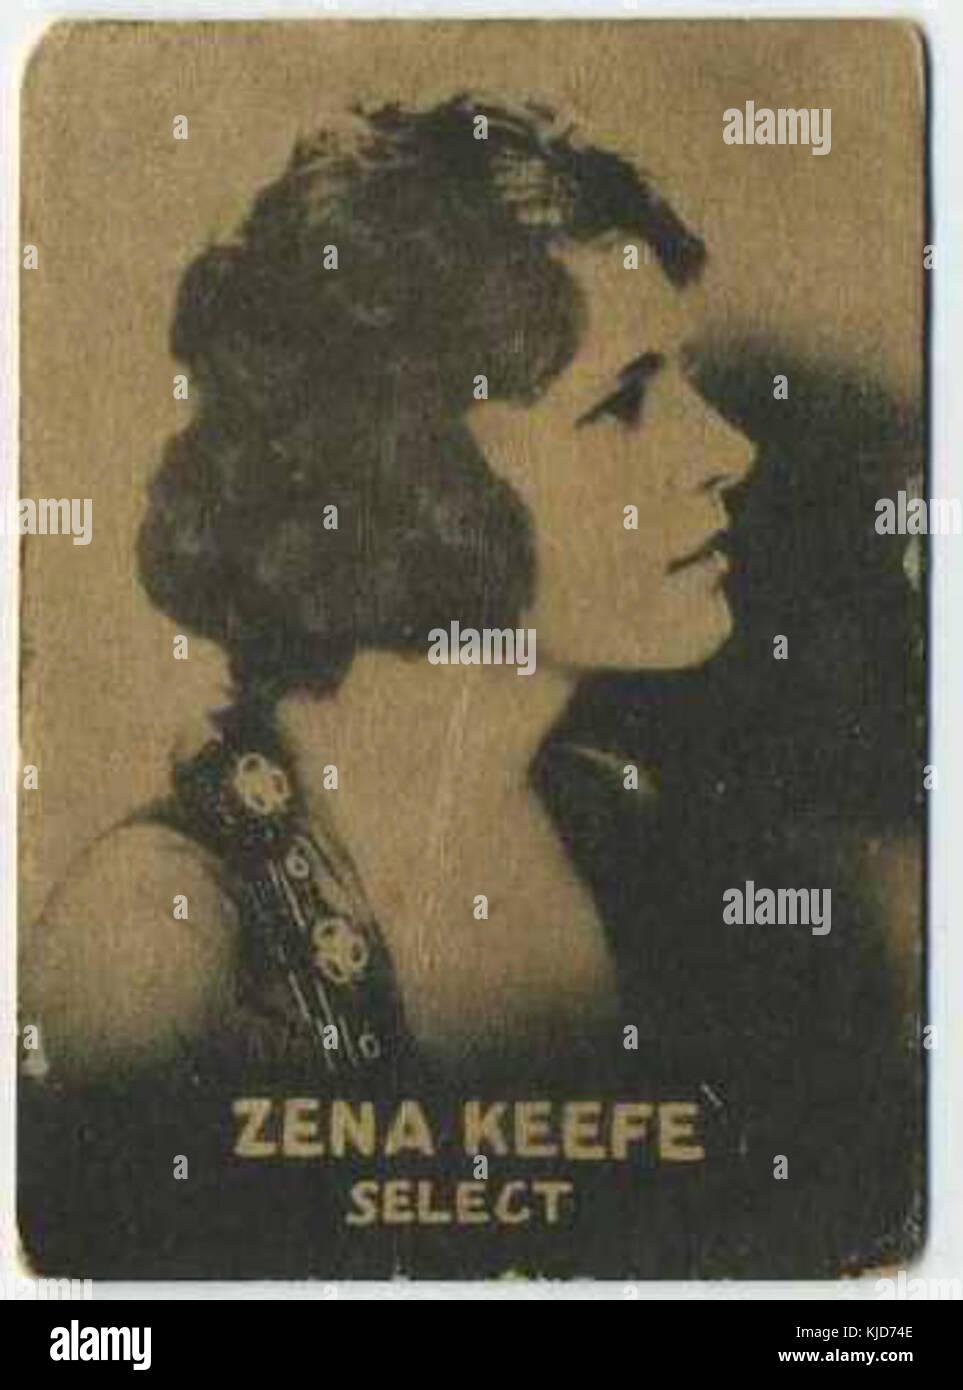 Zena Keefe Zena Keefe new picture